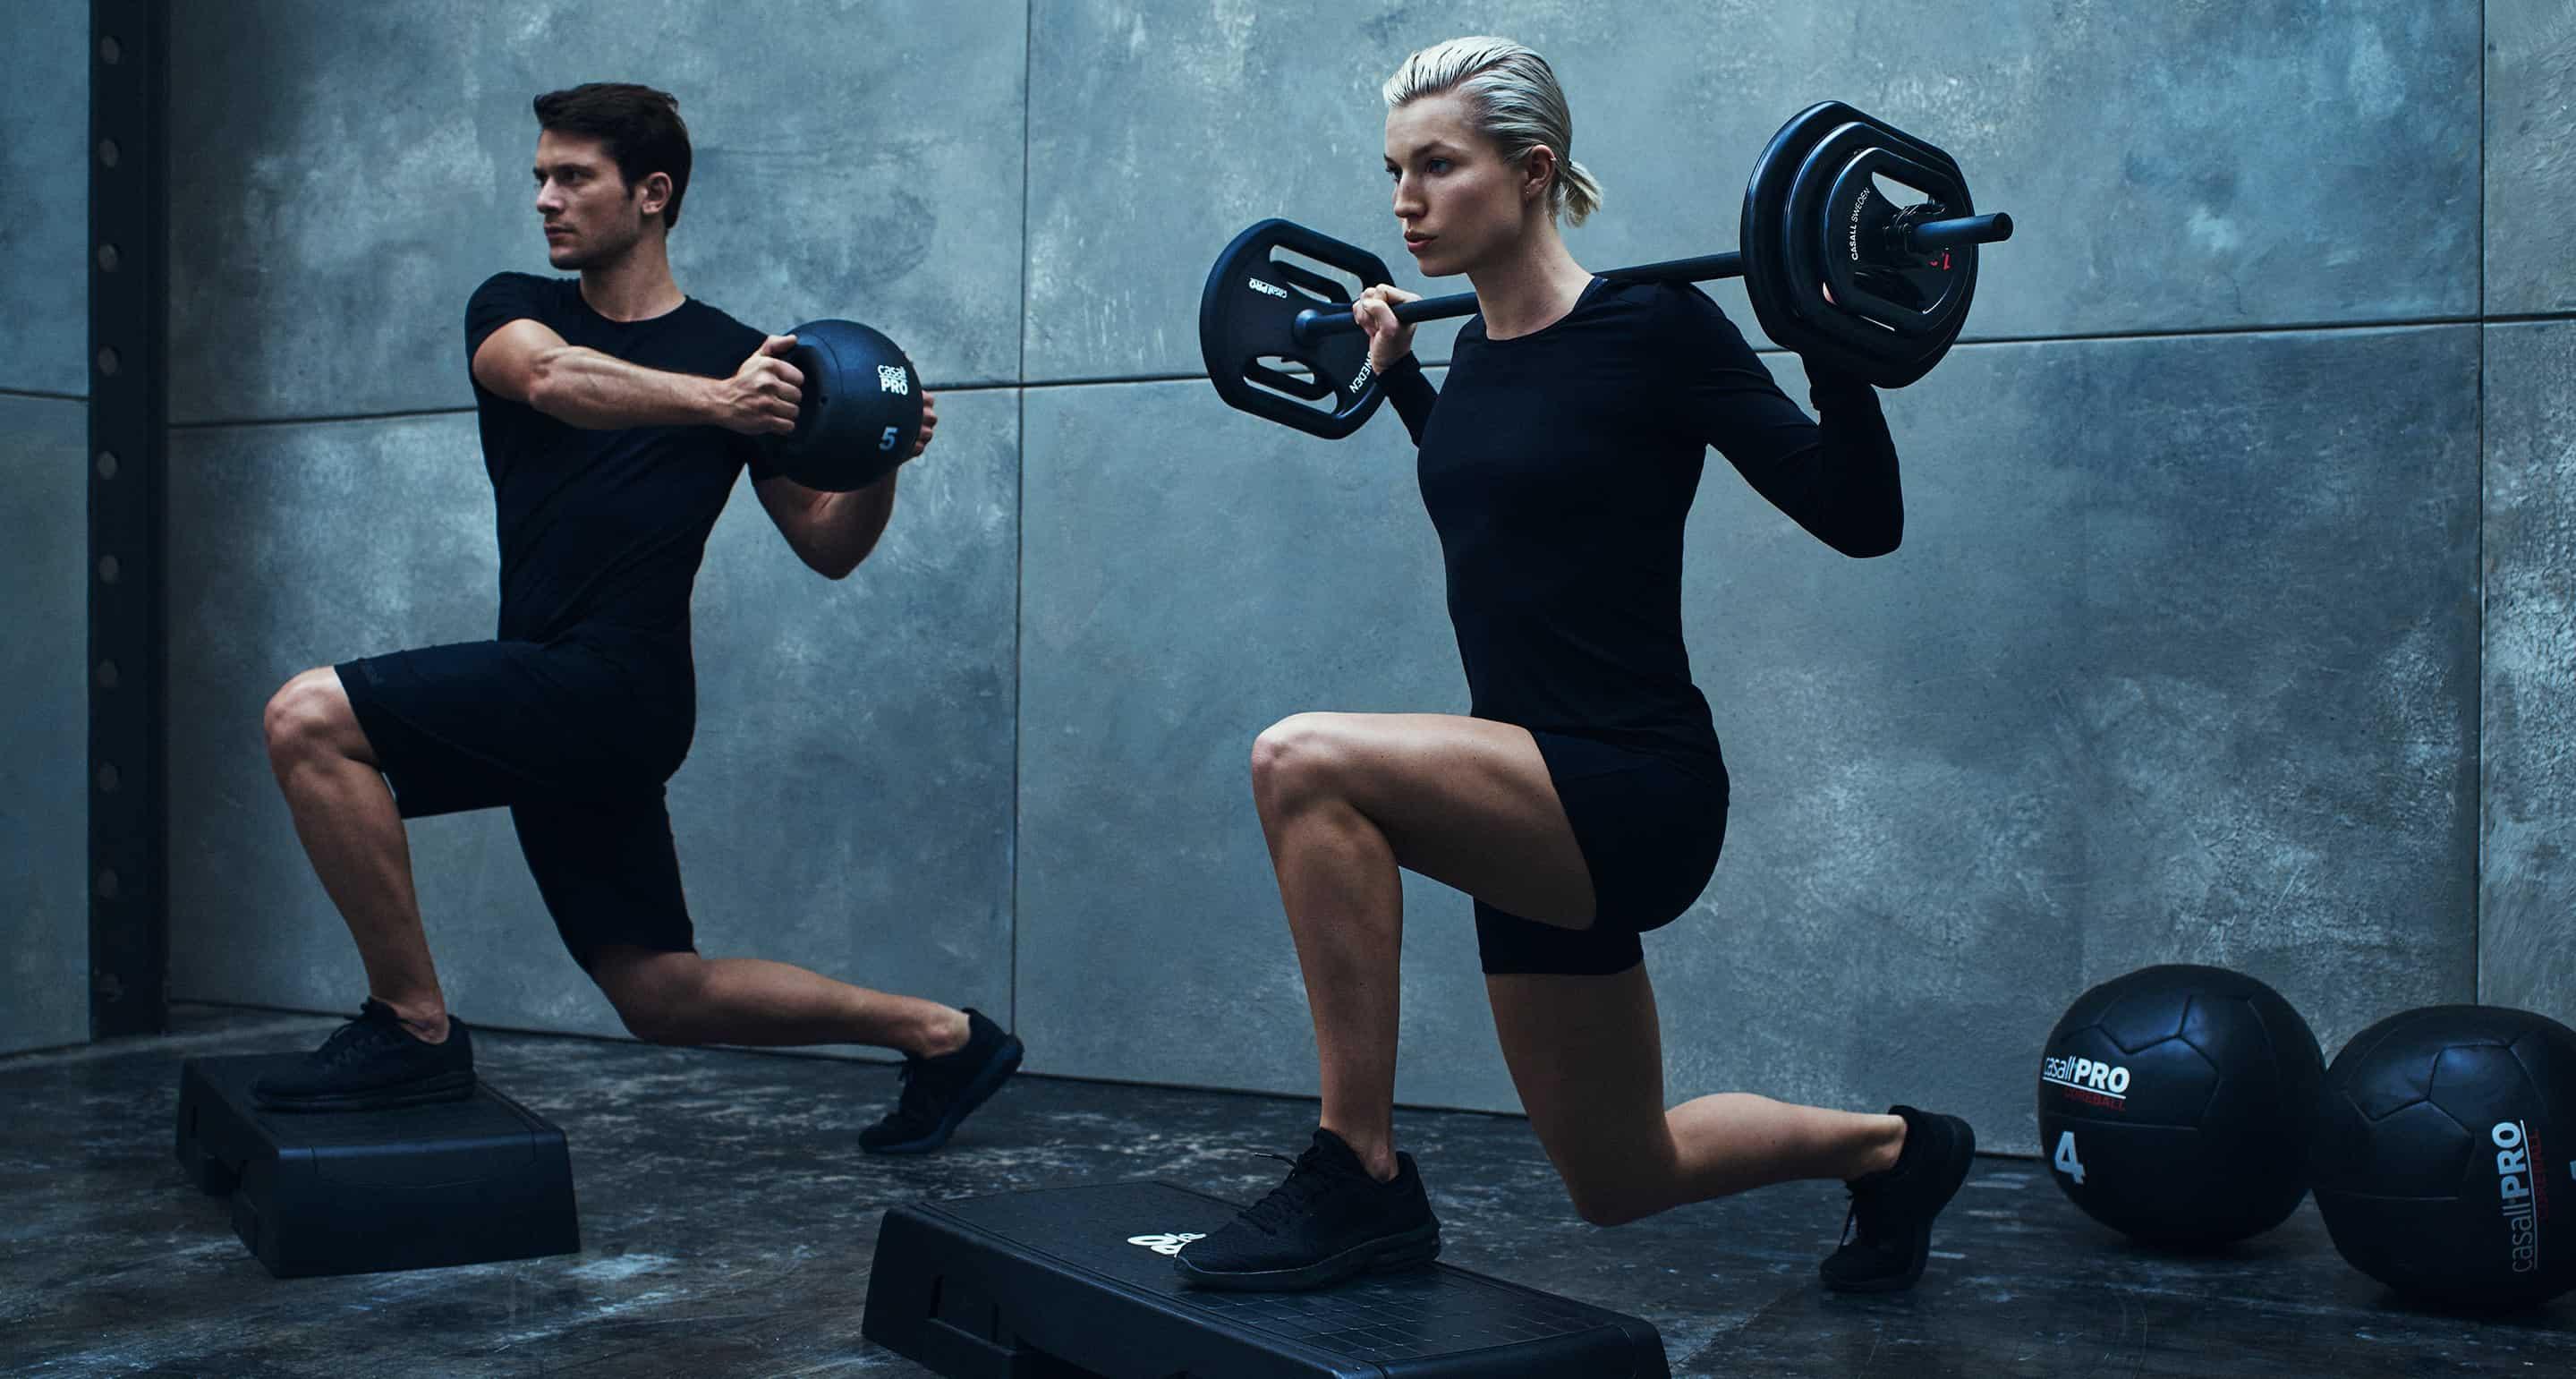 treningsutstyr gymutstyr gruppetrening gruppetreningsutstyr casall pro casall professional fitnessagenten matrix fitness